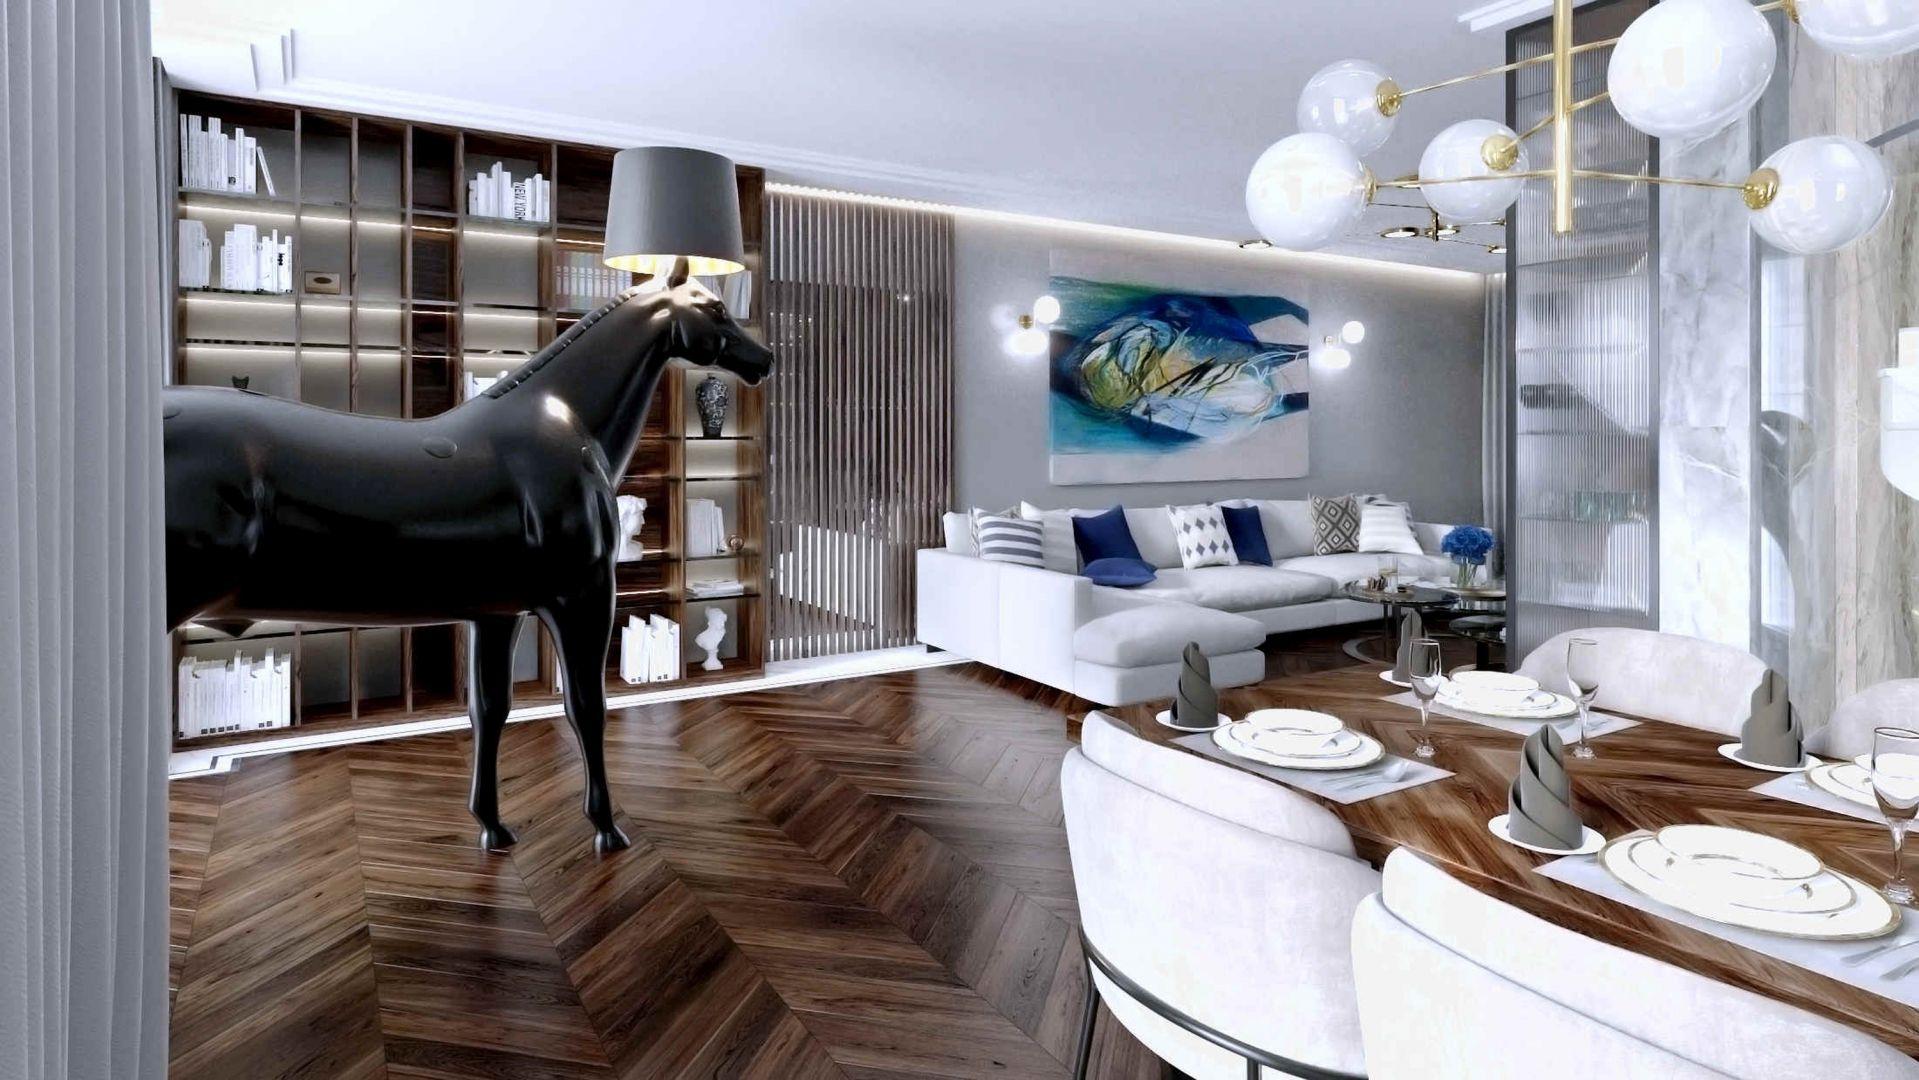 Realistycznych rozmiarów lampa-koń to prawdziwa rzeźba we wnętrzu. Projekt Tissu Architecture